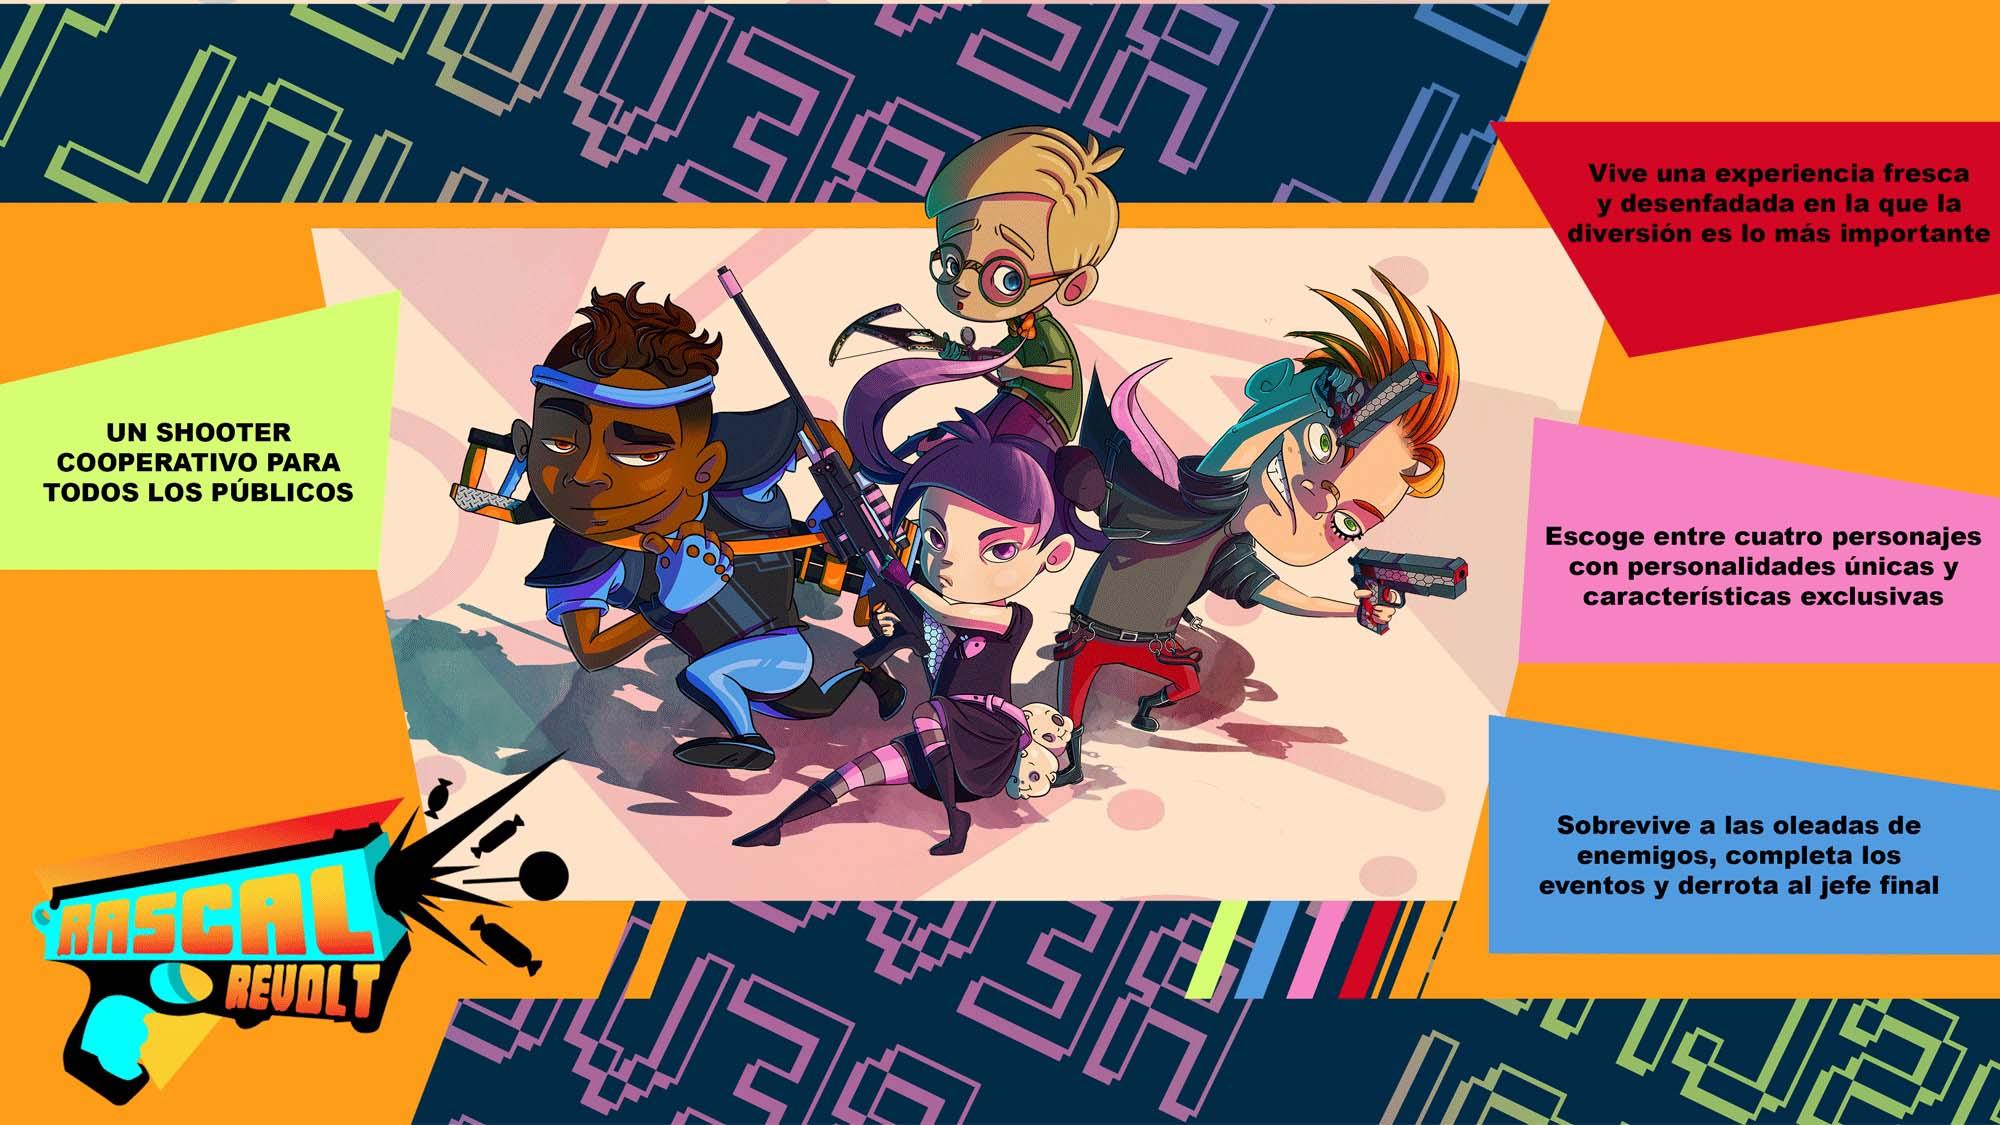 U-tad Seamantis Games arte